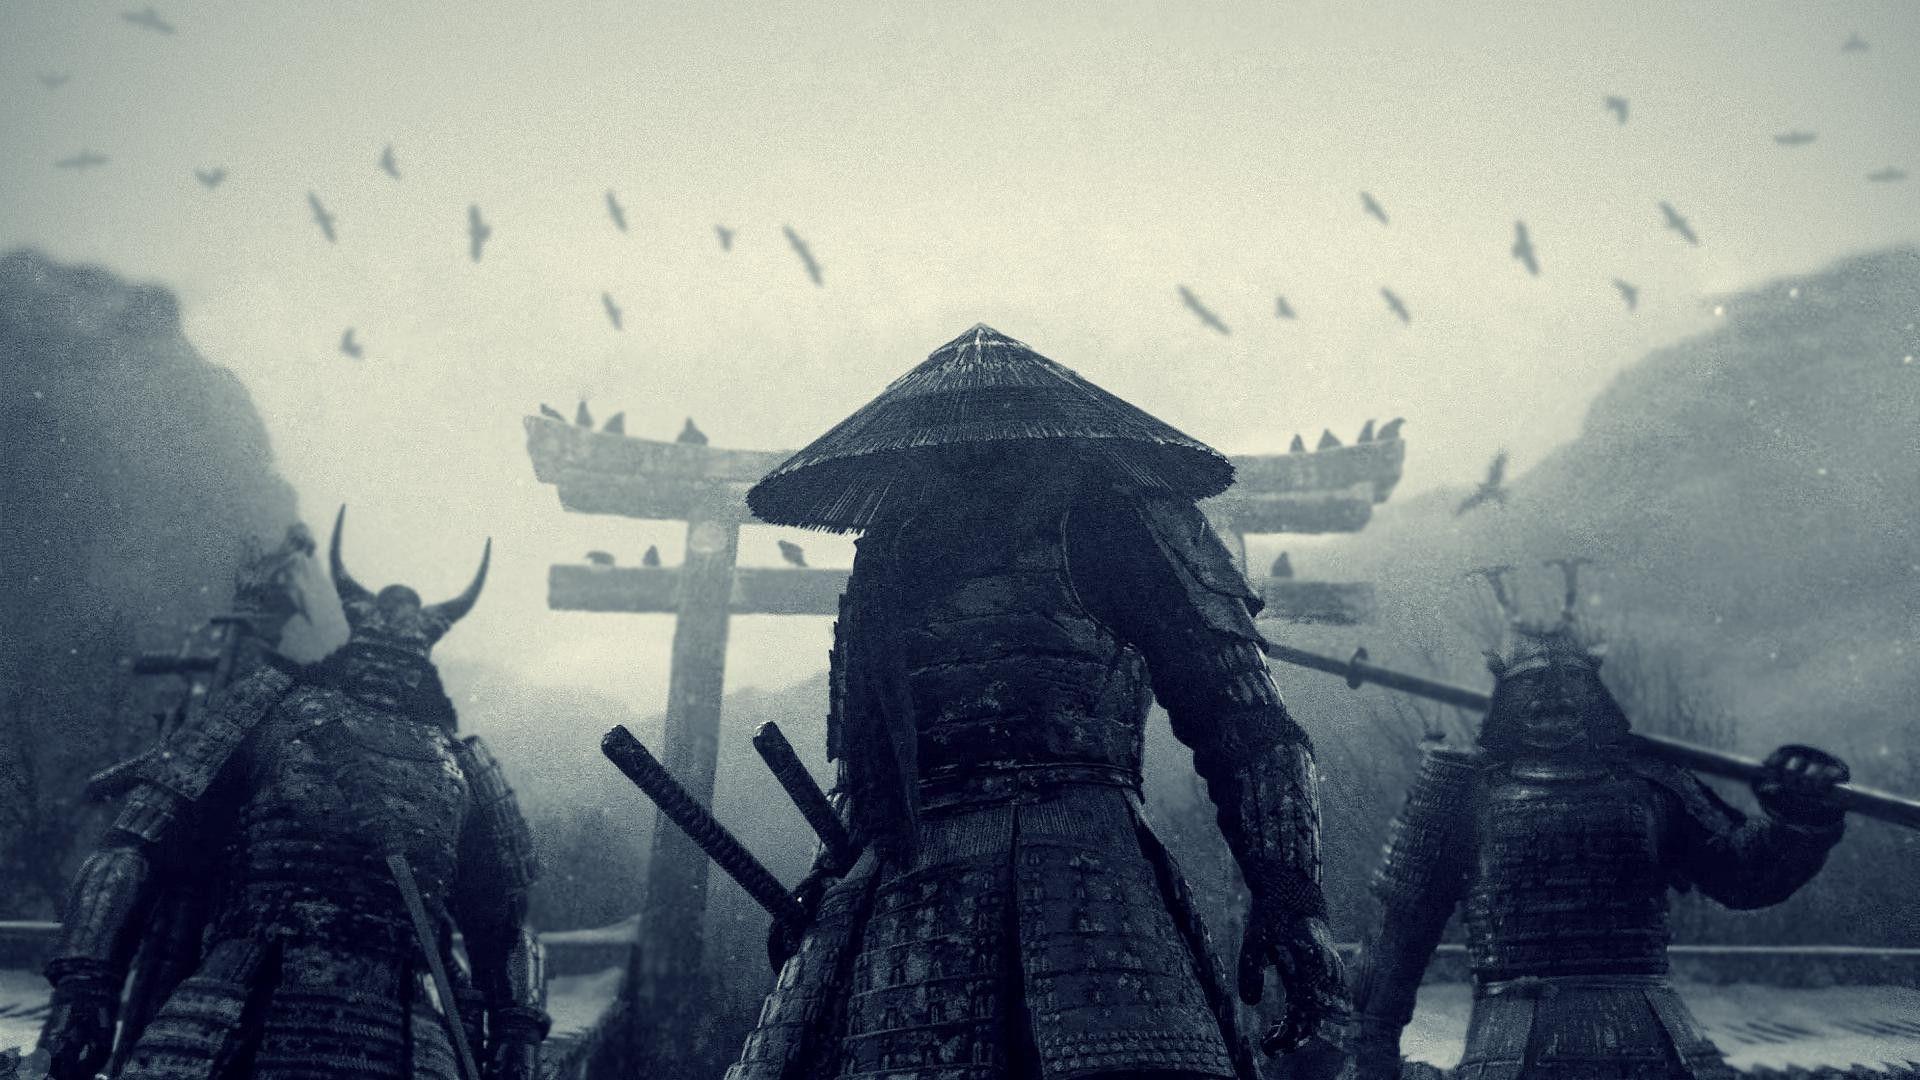 Real Samurai Wallpapers - Top Free Real